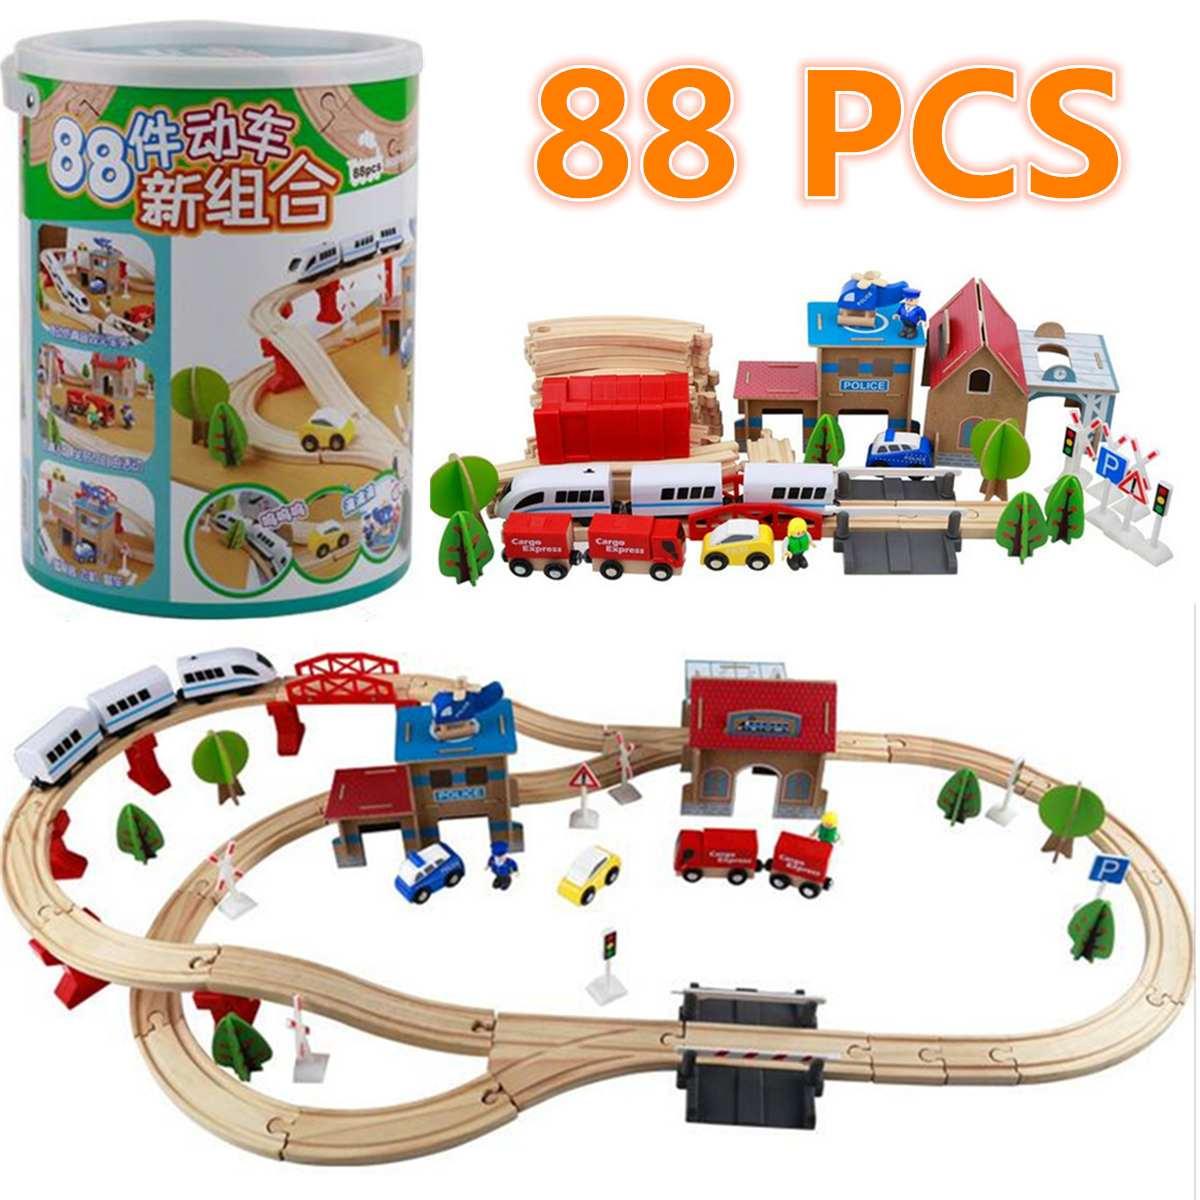 Jeu de rails de Train en bois enfants en bois Puzzle de chemin de fer fente de Transit voies ferrées Train de Transit jouets de chemin de fer pour le cadeau des enfants bricolage